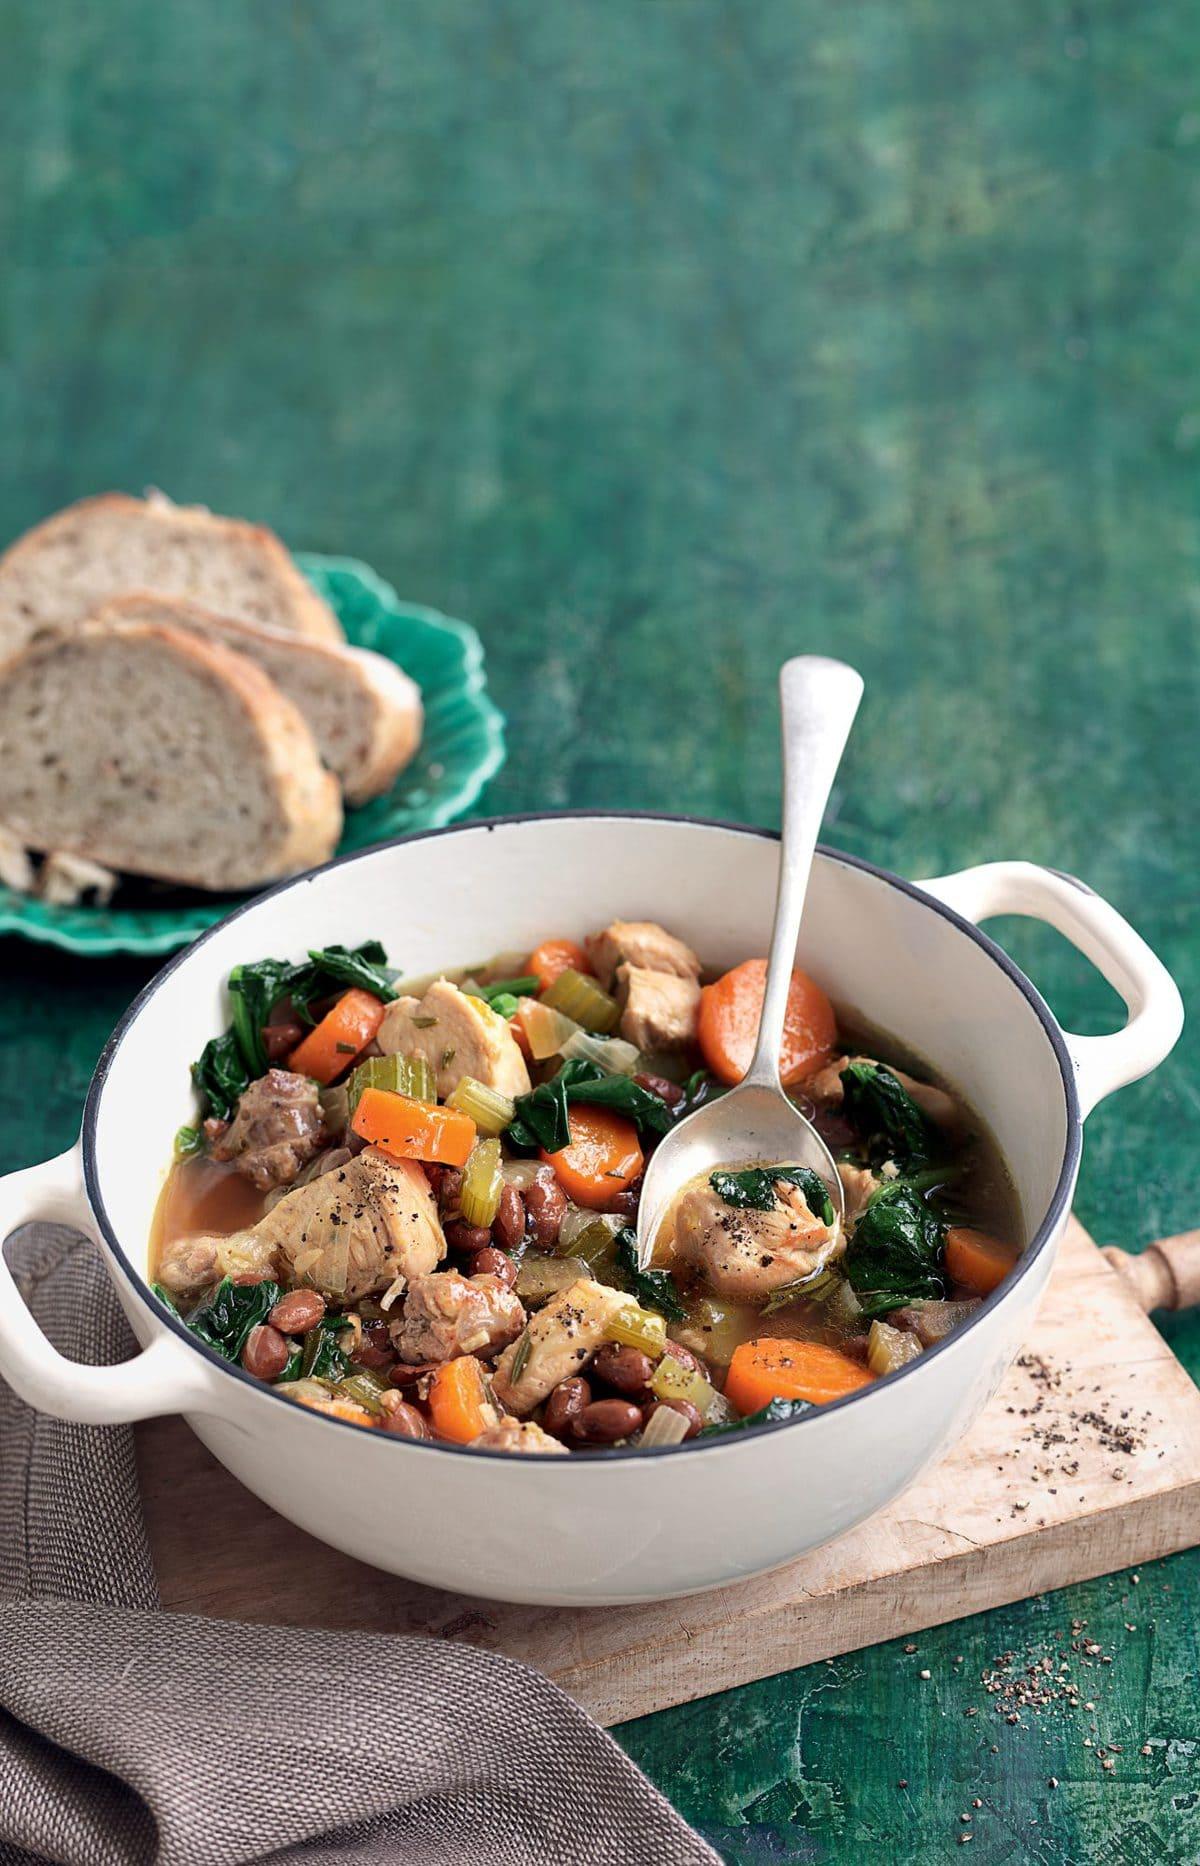 Italian-style chicken and borlotti bean stew